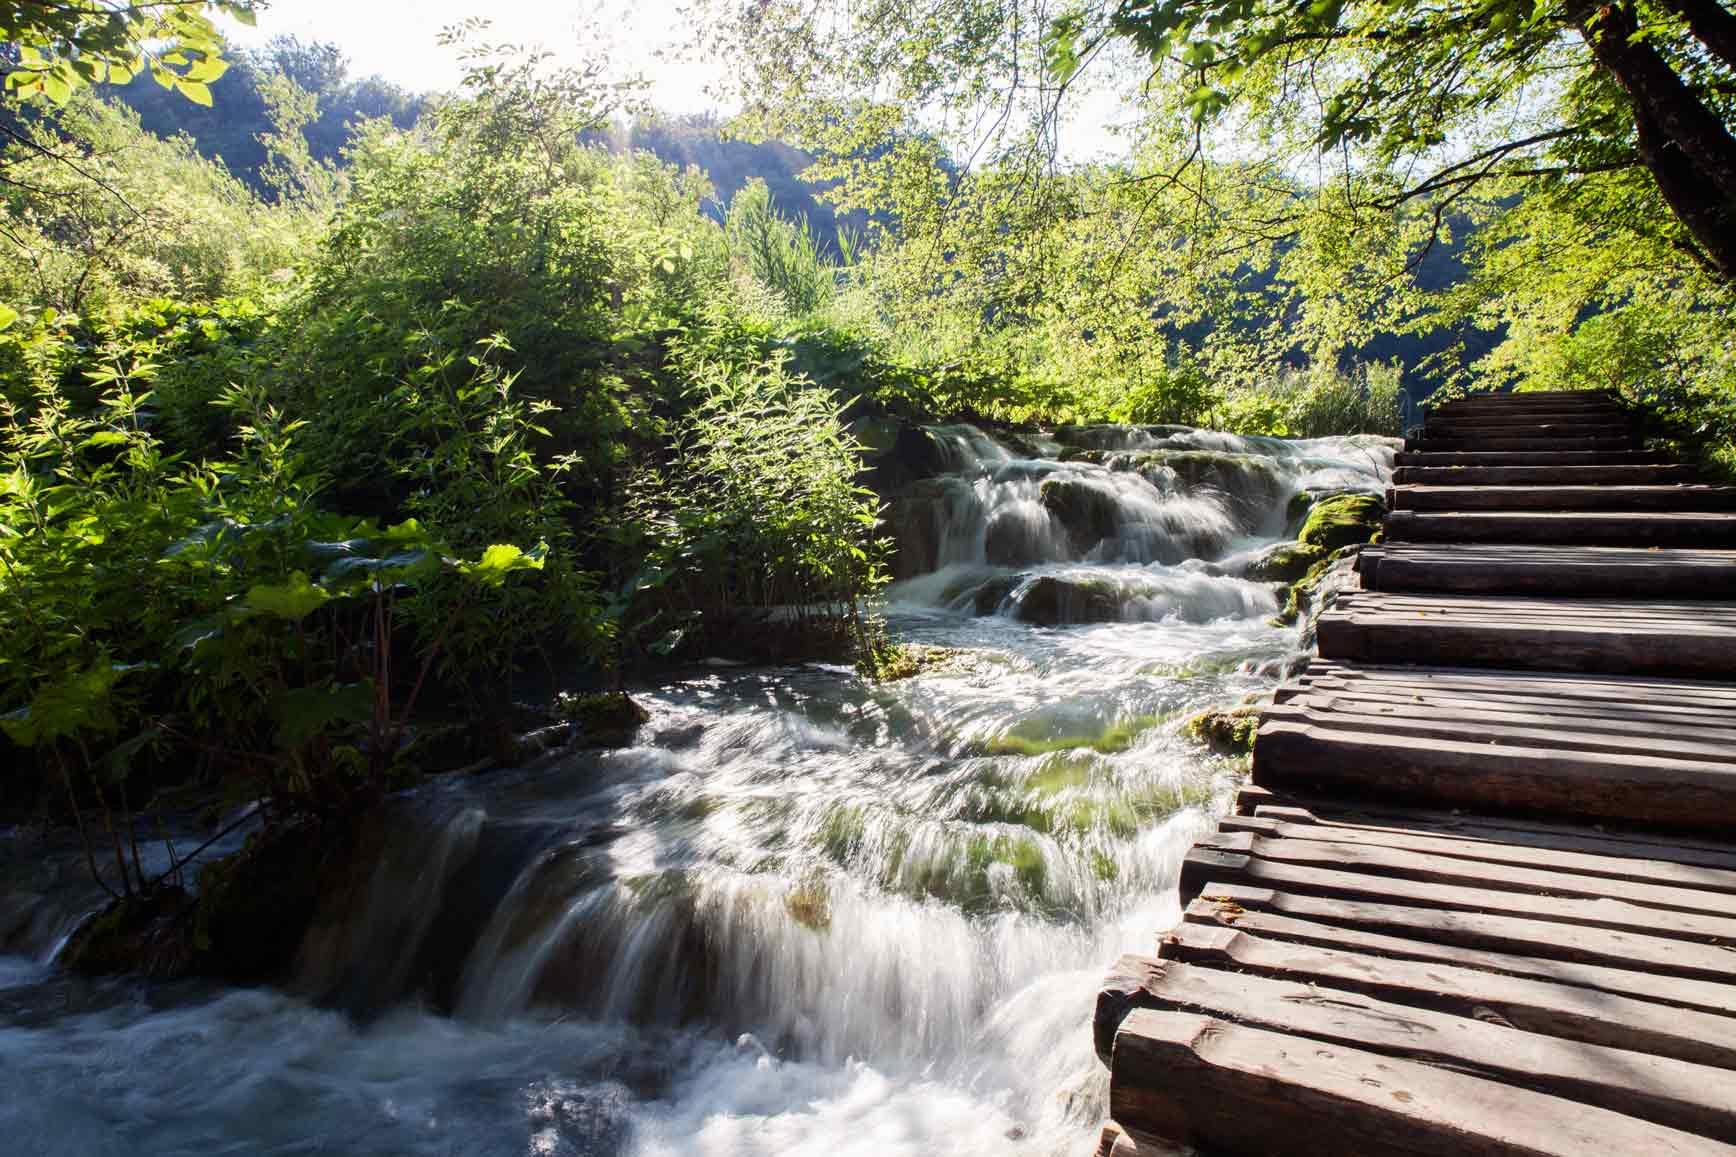 lagos-de-plitvice_claraBmartin_03